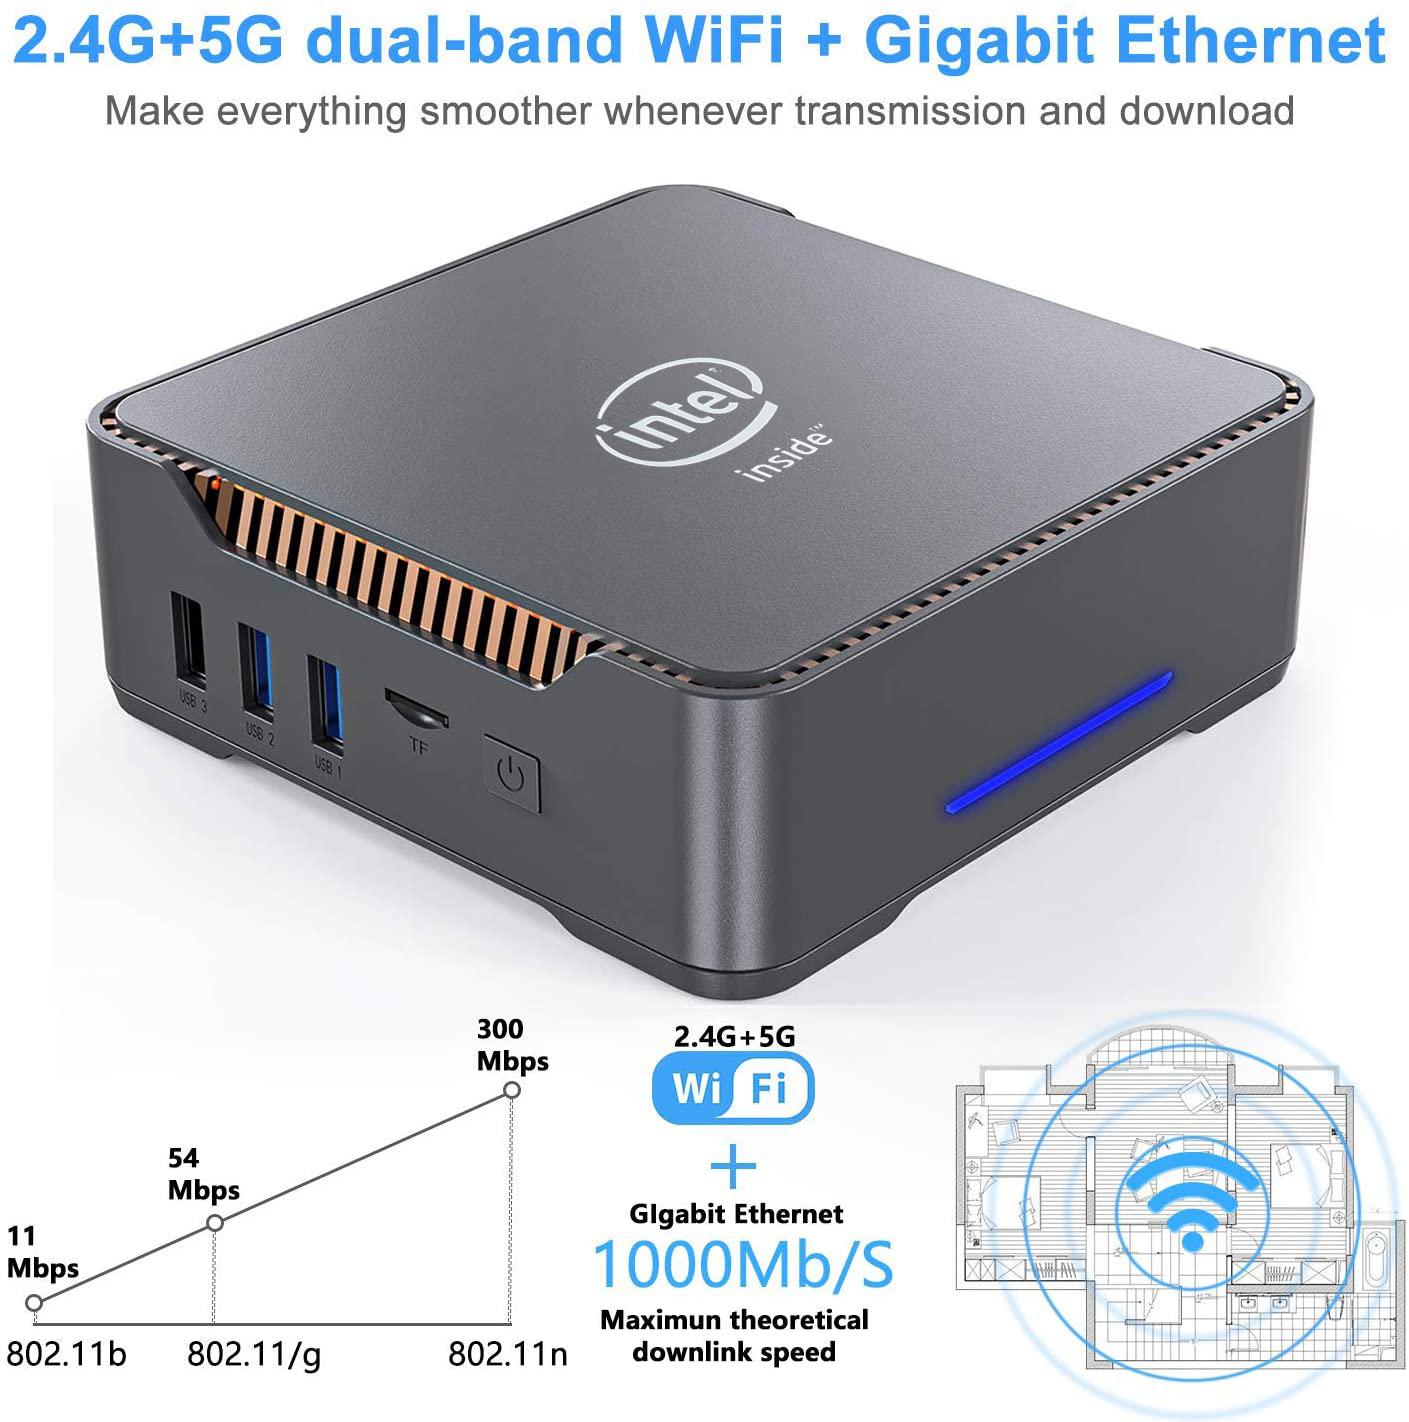 Мини-ПК CHUWI Herobox, Windows 10, Intel Gemini-Lake N4100, 4 ядра, LPDDR4, 8 Гб ОЗУ, 256 ГБ SSD | Компьютеры и офис | АлиЭкспресс